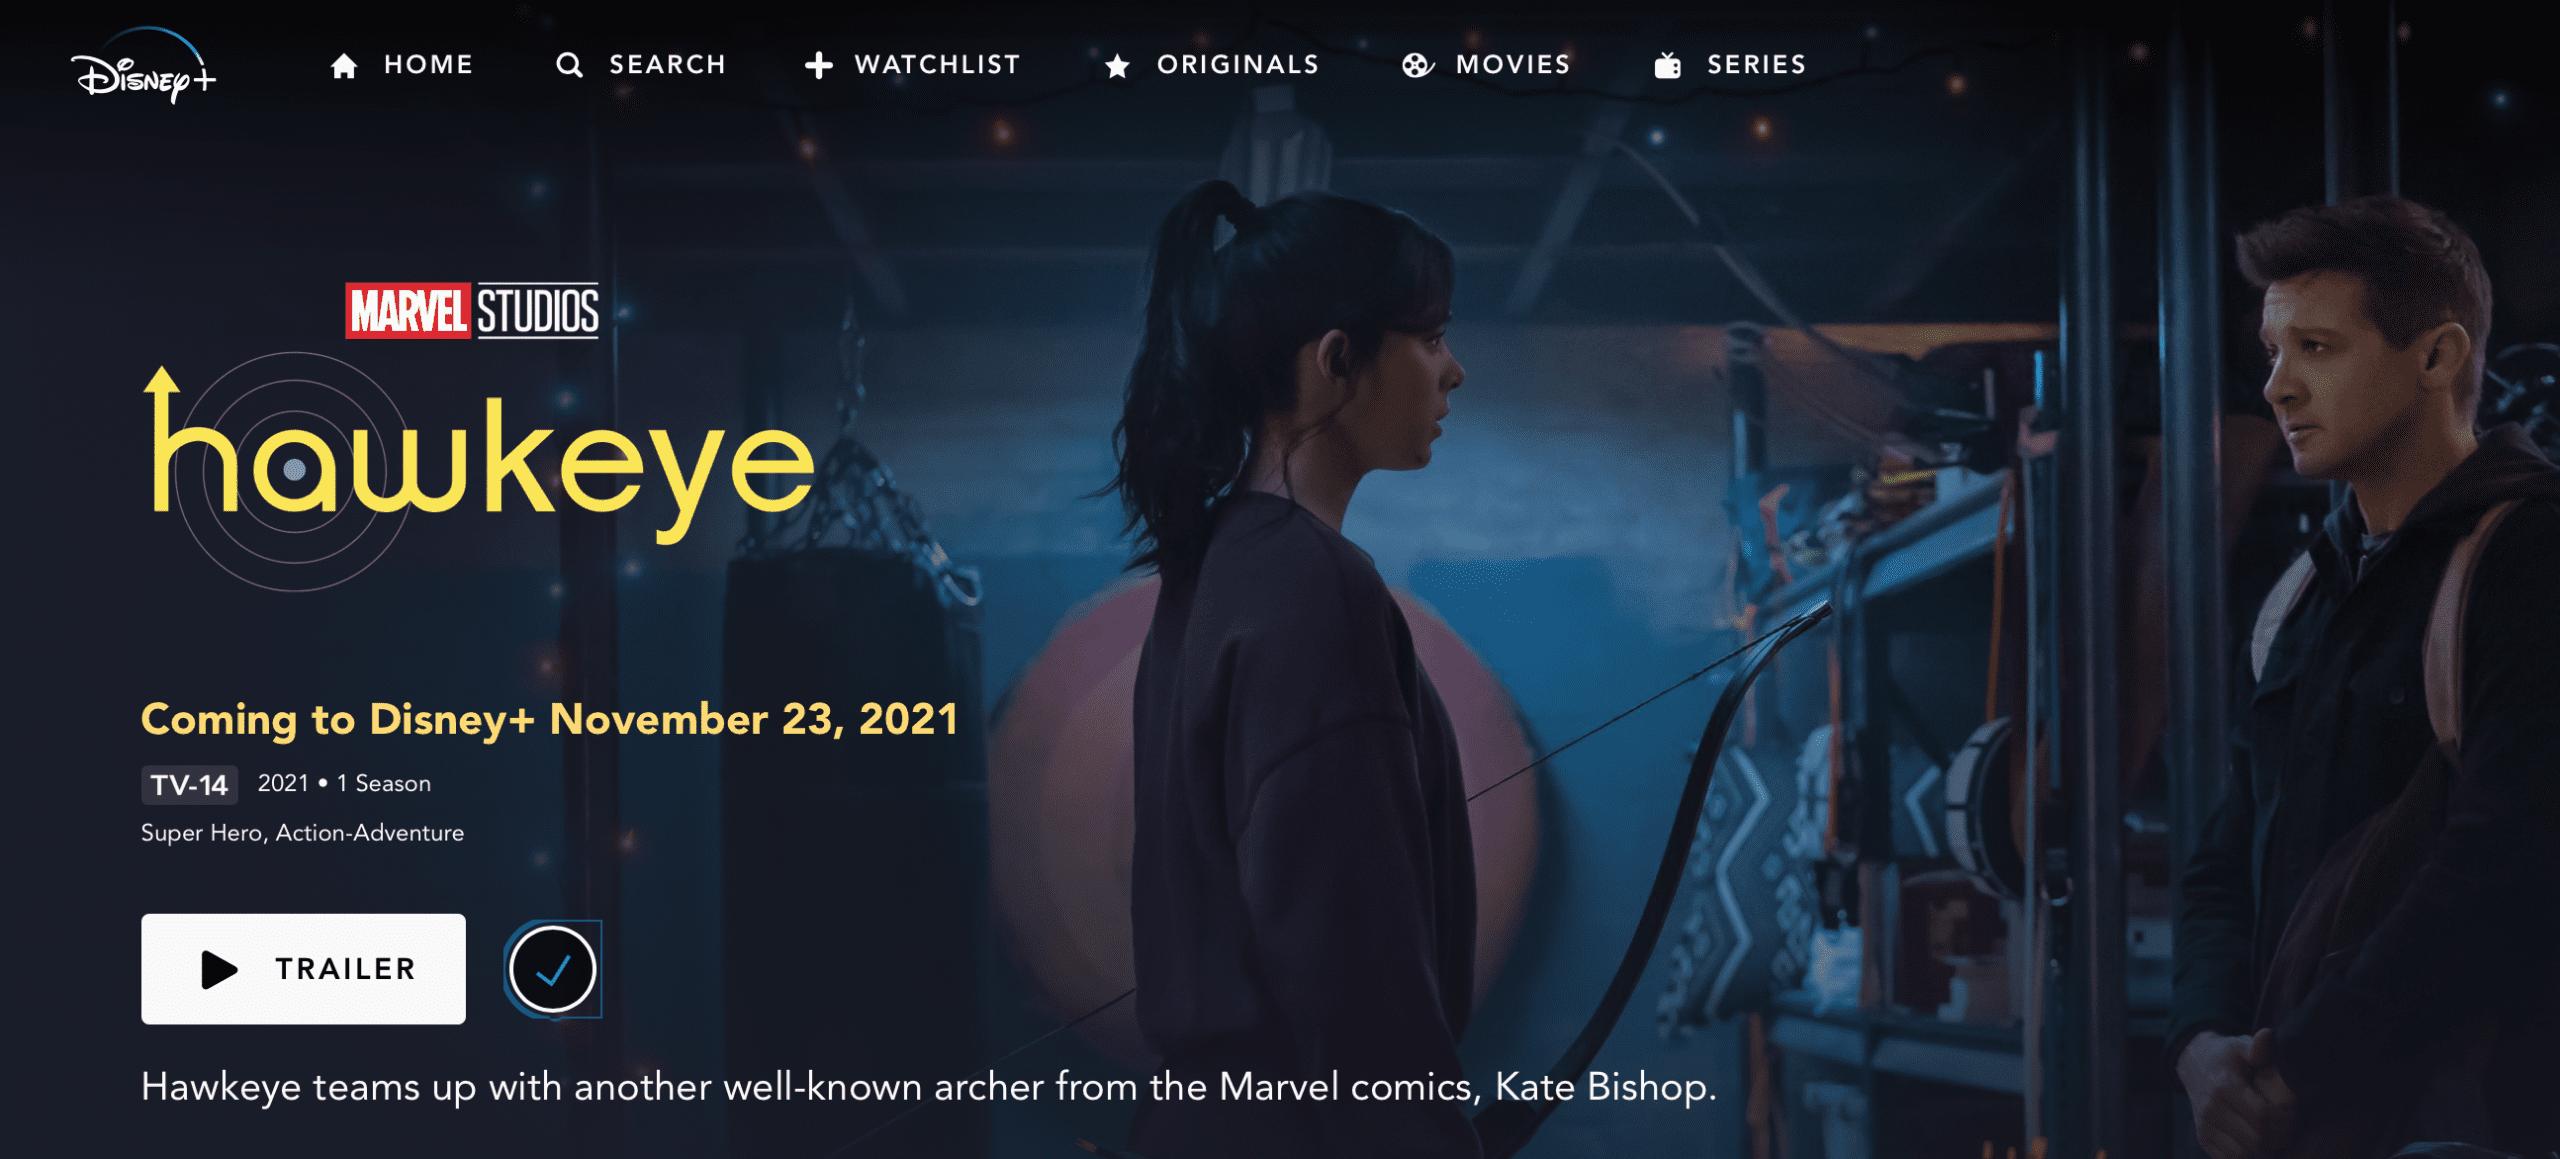 Hawkeye Trailer on Disney Plus